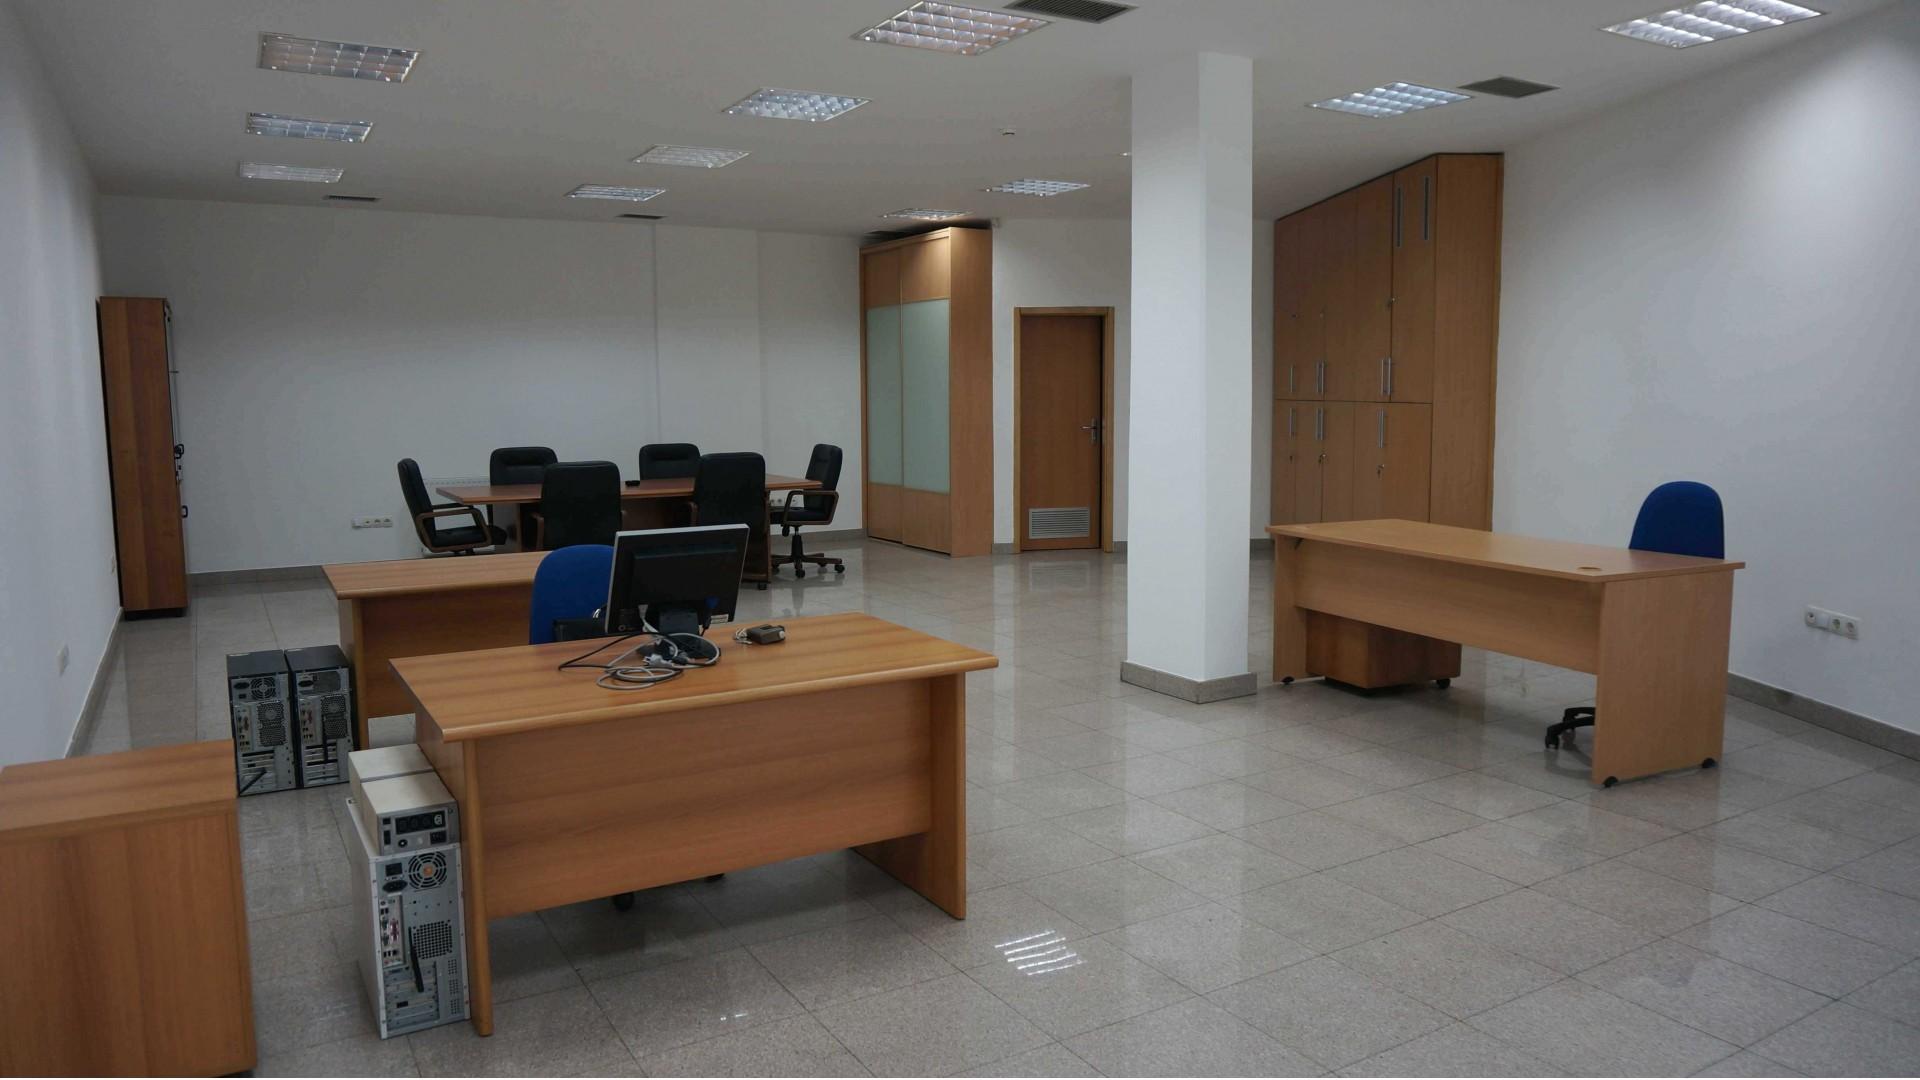 Poslovni prostor u centru grada 88 m2